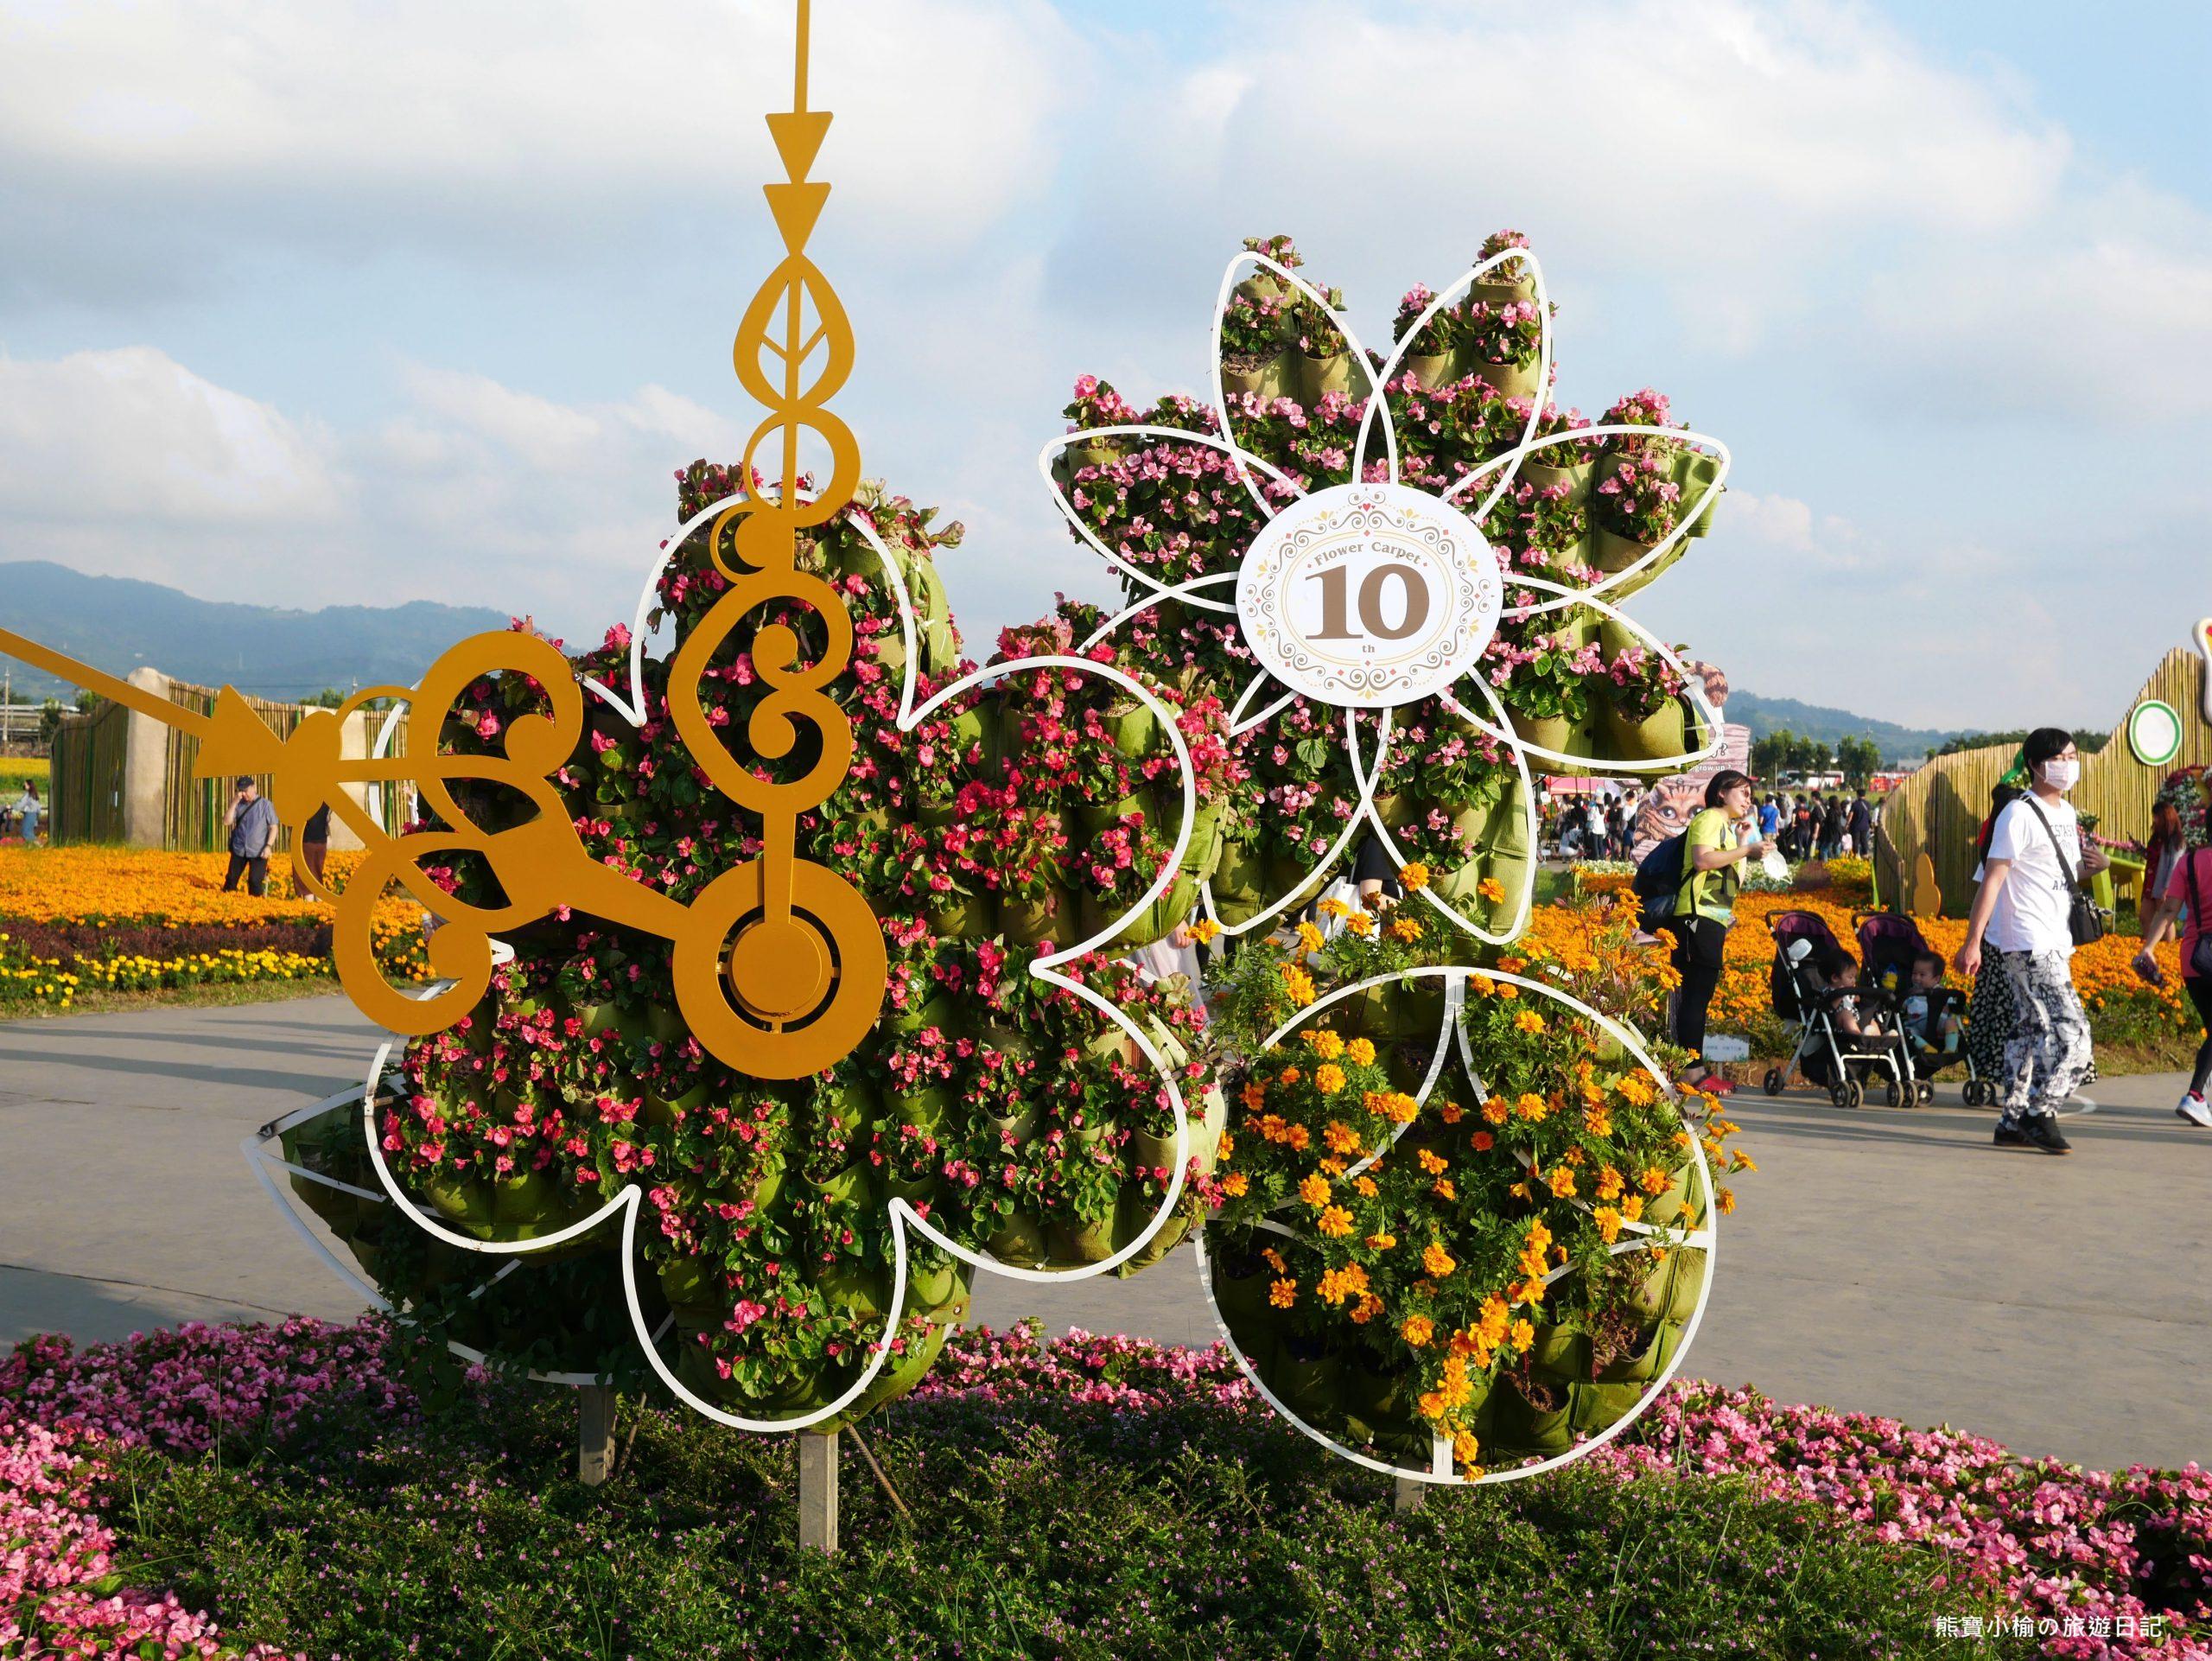 【台中旅遊景點】2020新社花海暨臺中國際花毯節,參觀與拍攝記錄。 @熊寶小榆の旅遊日記